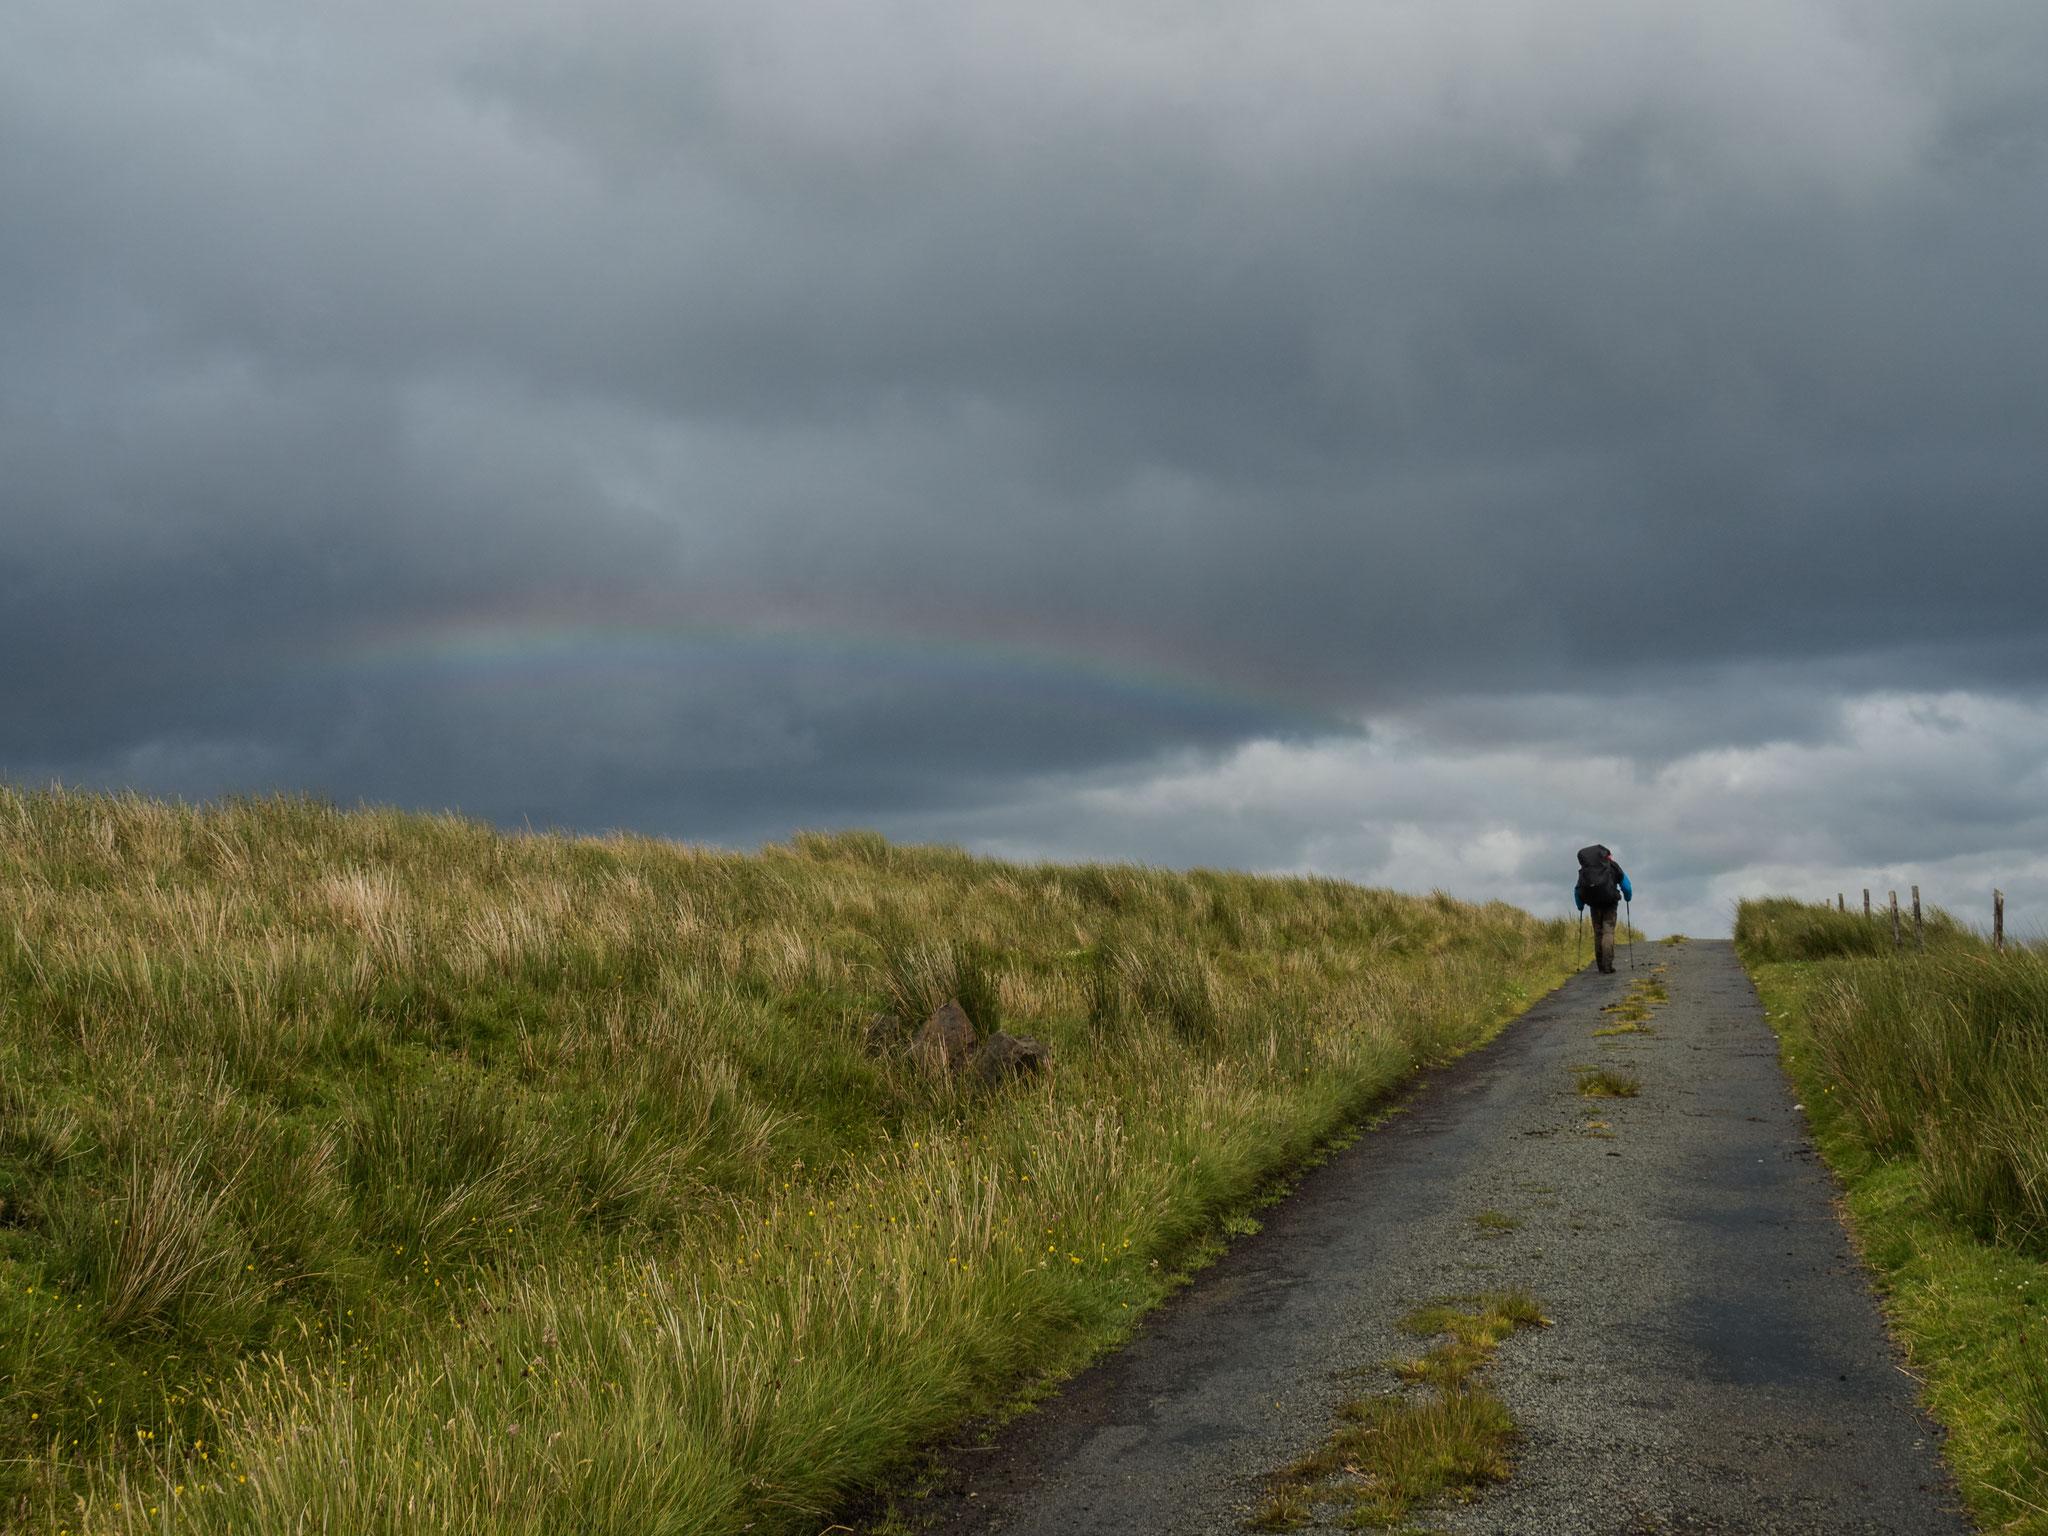 Bild: Regenbogen